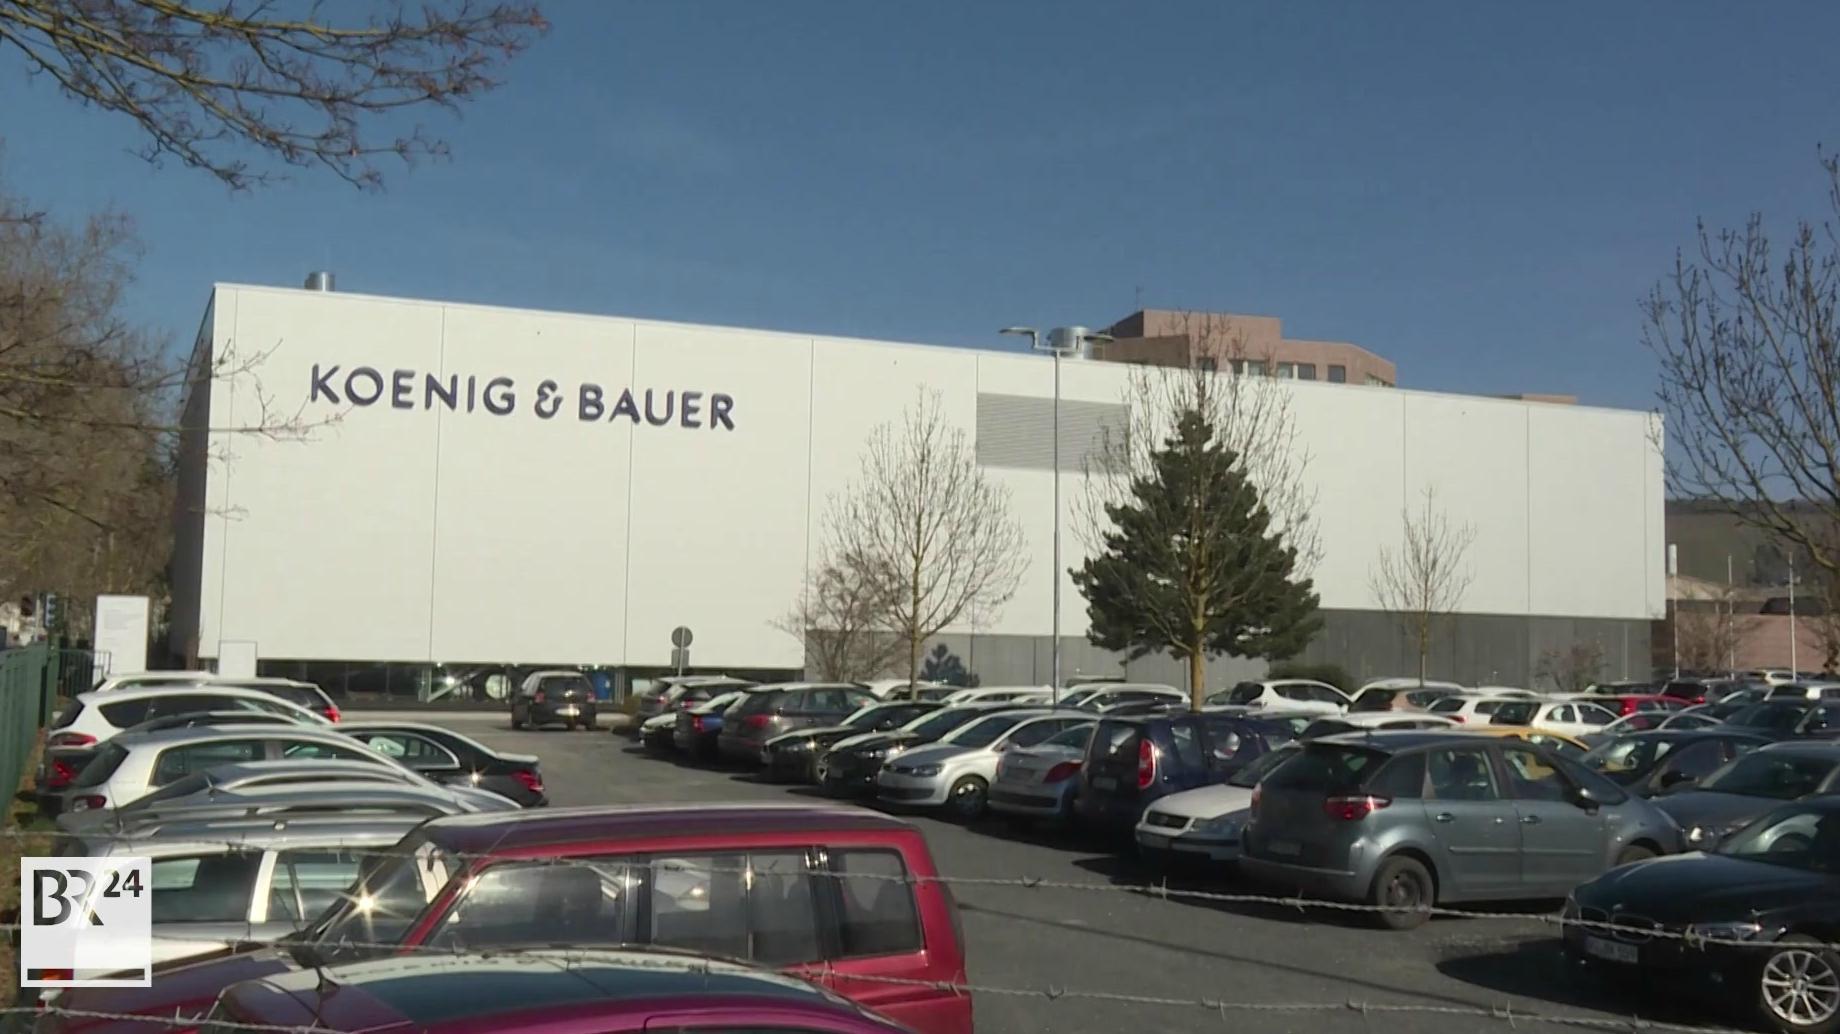 """""""Koenig & Bauer"""" in Würzburg"""